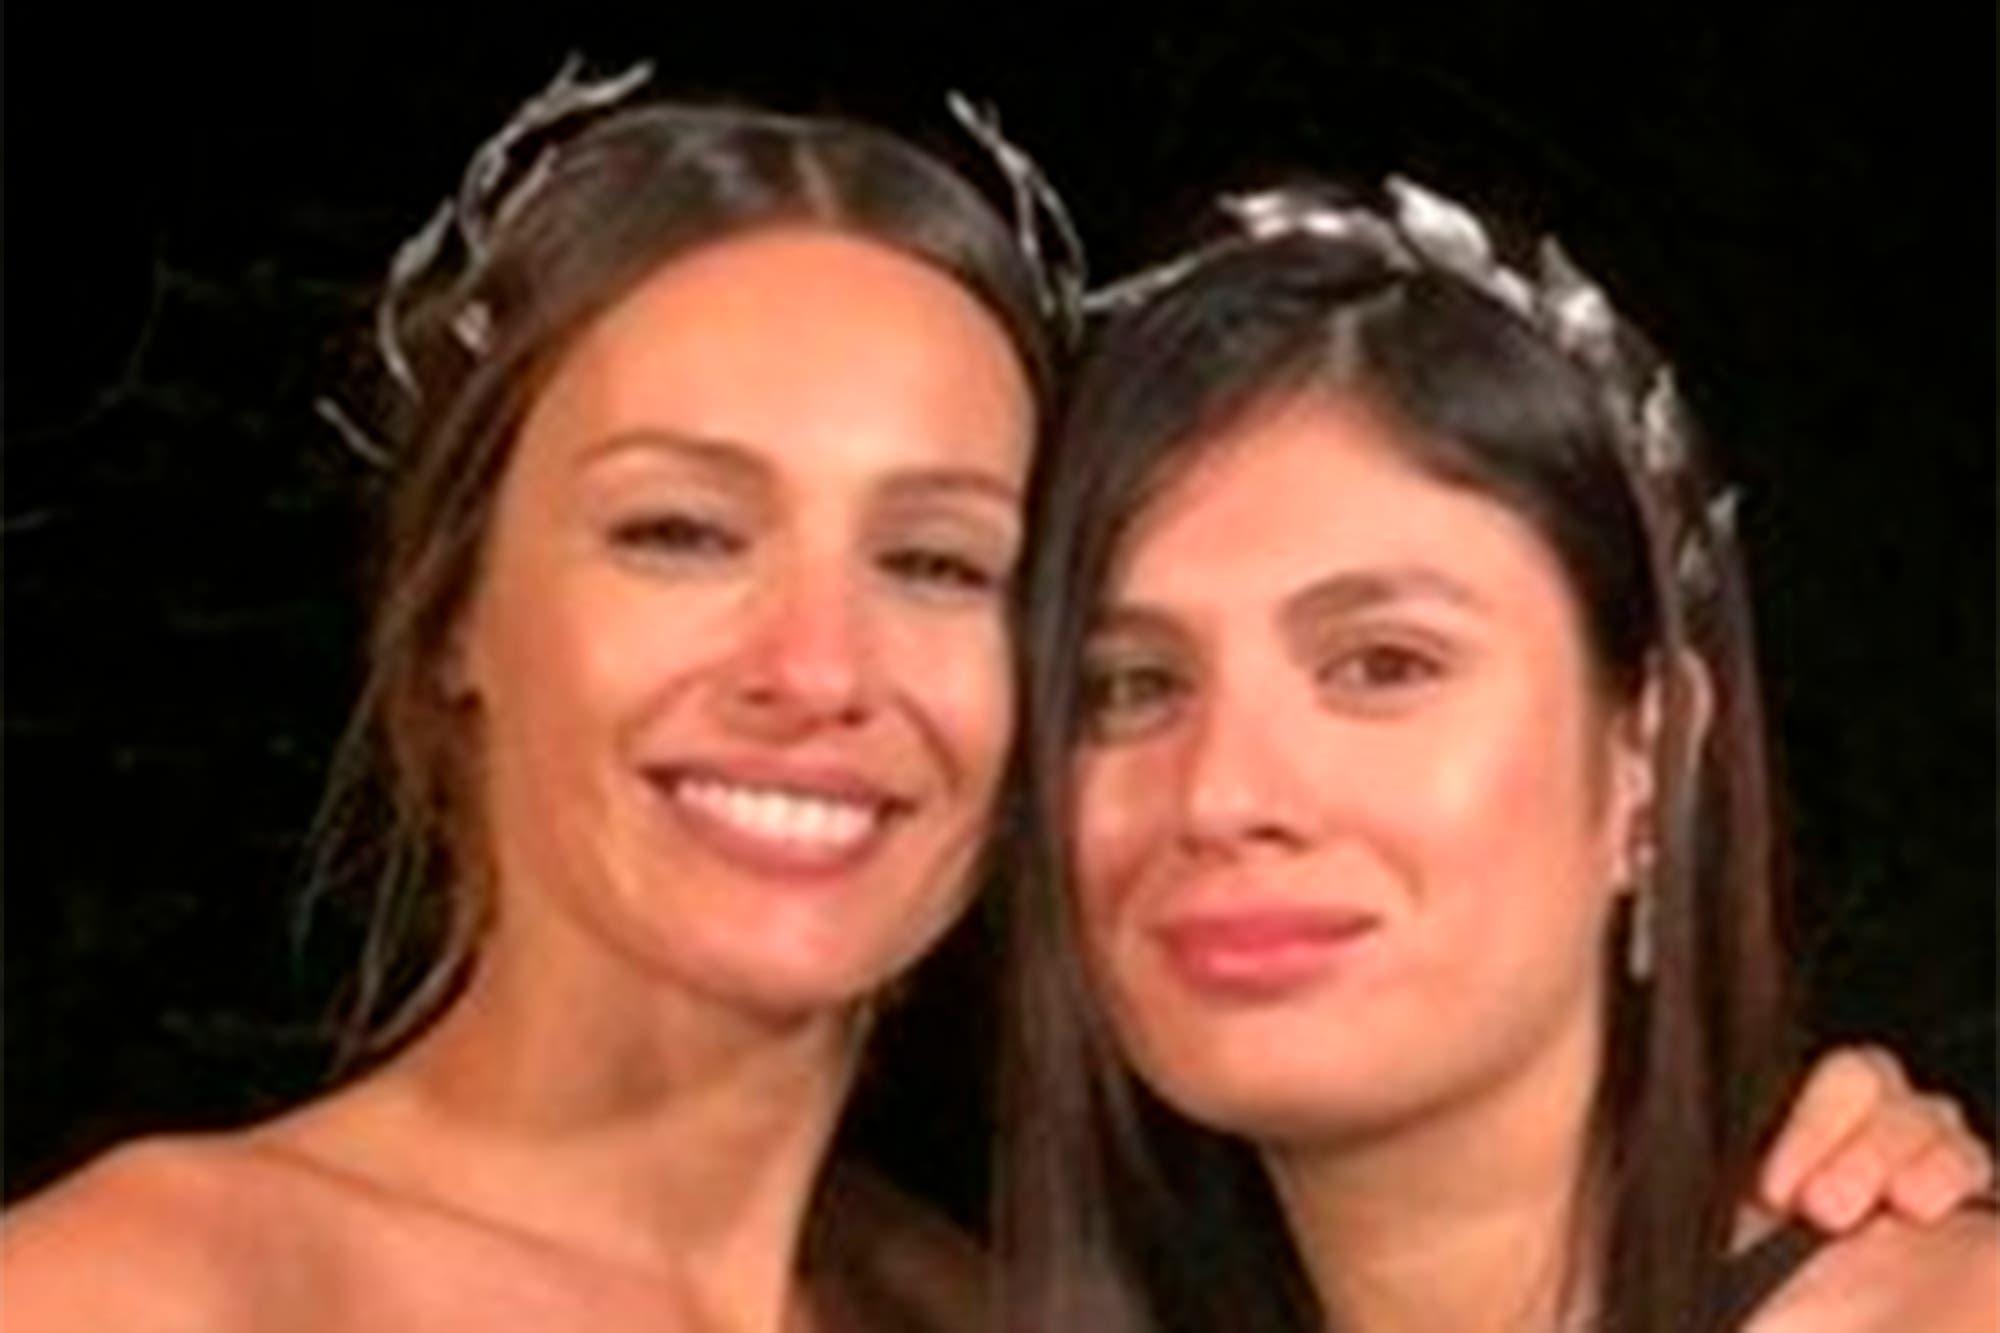 La exniñera de los hijos de Pampita Ardohain acusa a la modelo de hostigamiento y daño psicológico